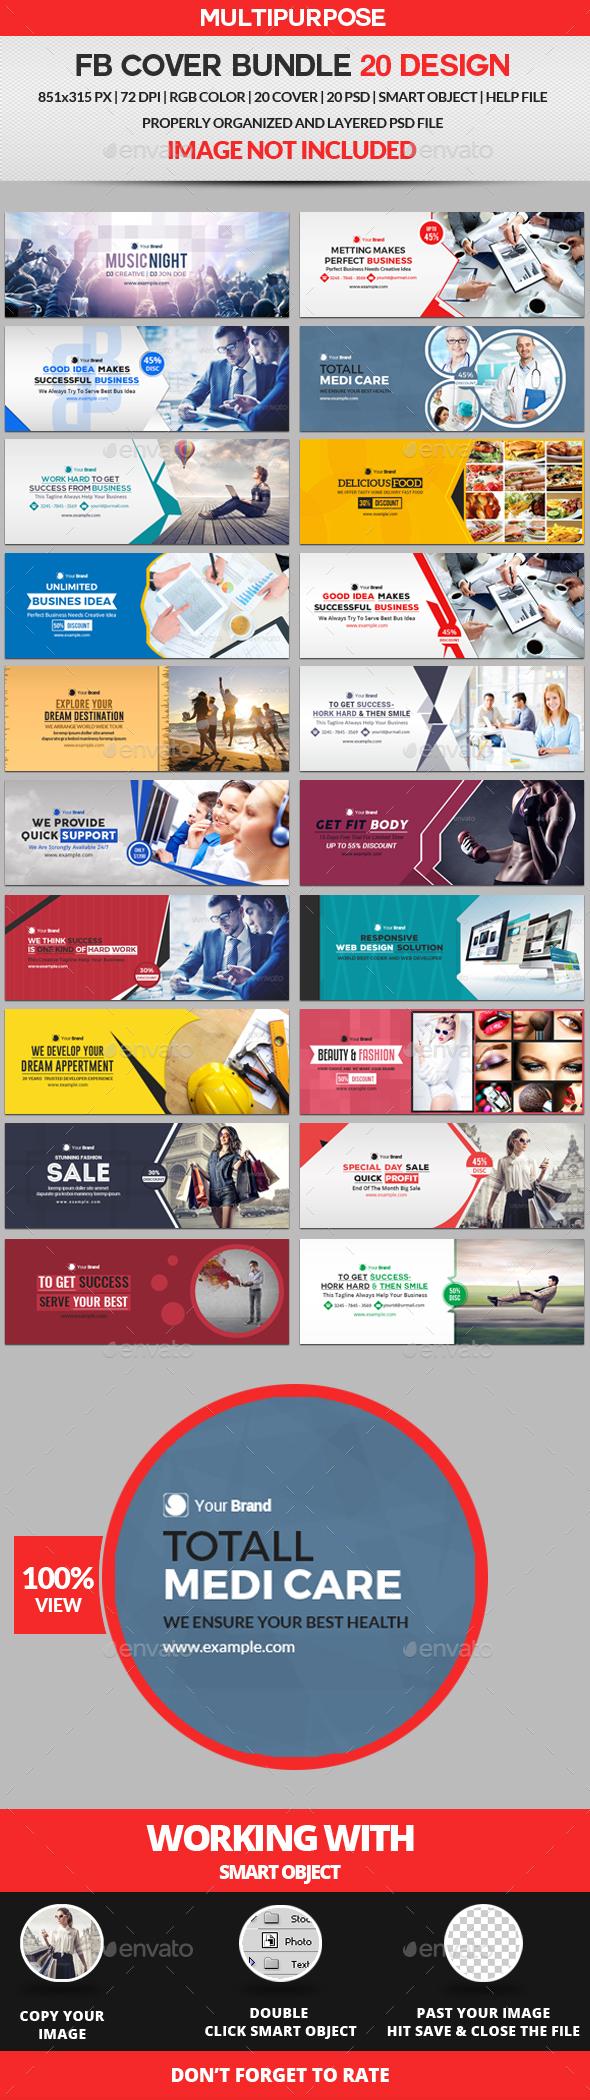 Facebook Cover Bundle Two - 20 Design - Facebook Timeline Covers Social Media